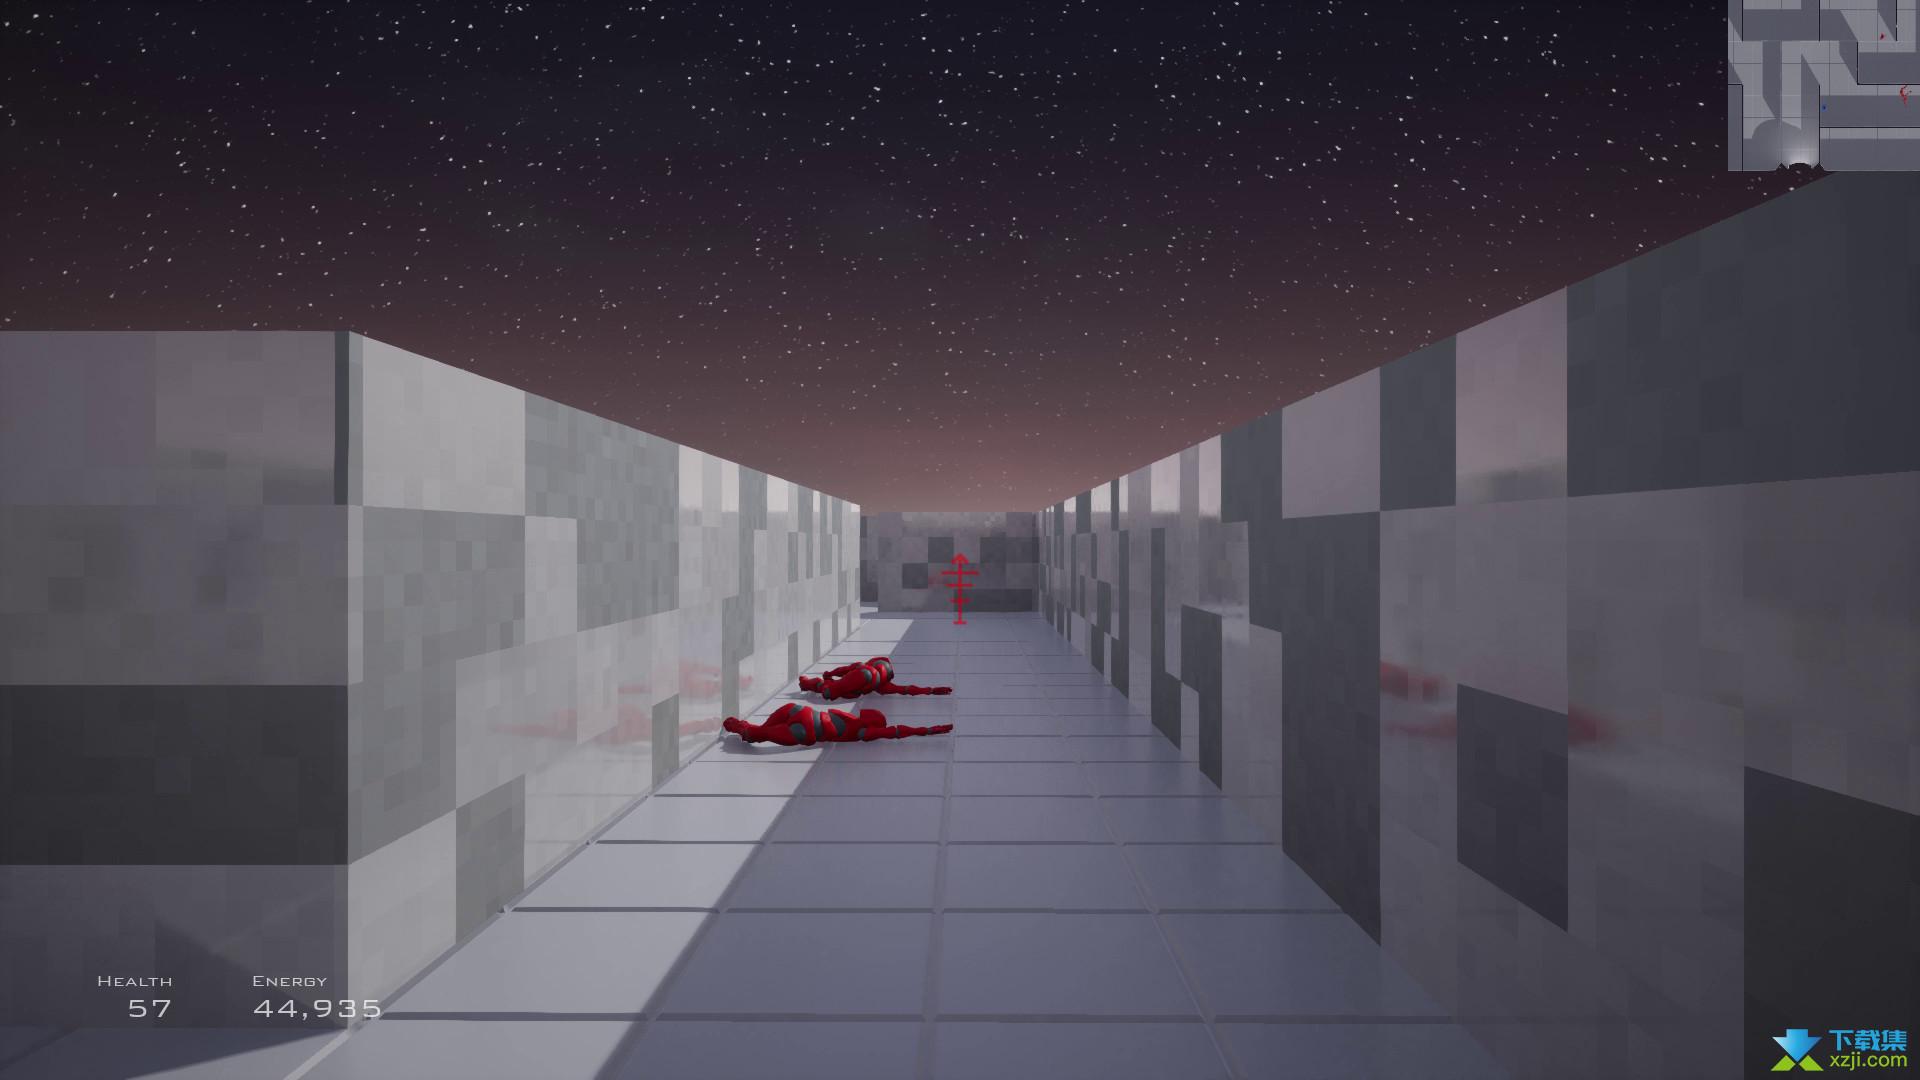 迷宫逃亡者界面3